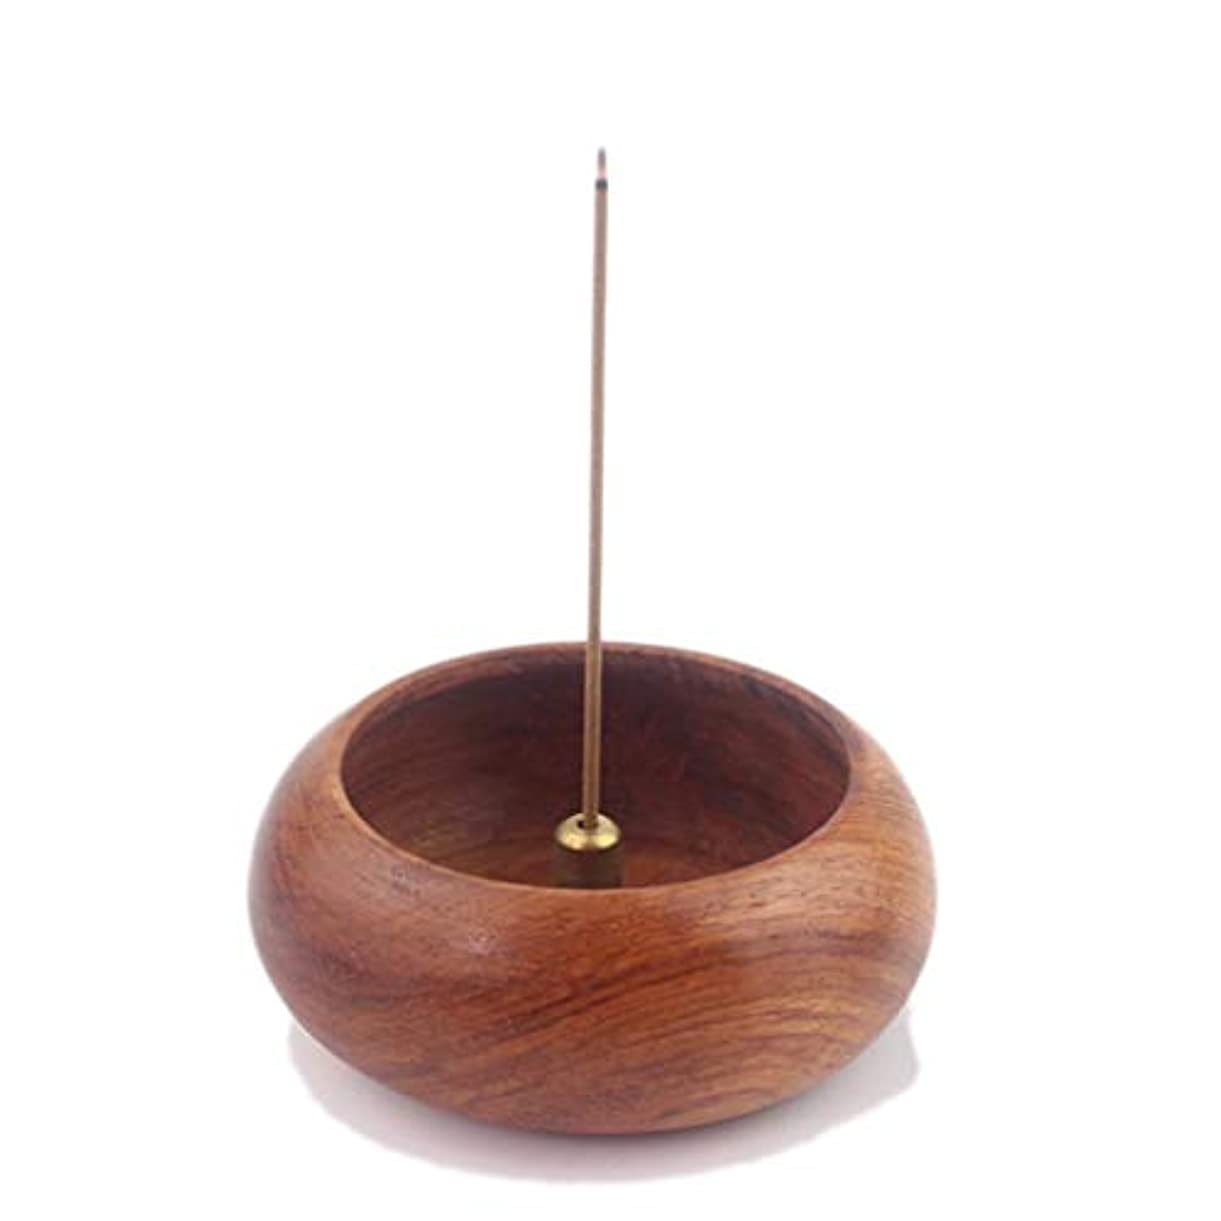 差別的等貫入ローズウッドボウル型香炉ホルダーキャンドルアロマセラピー炉香ホルダーホームリビングルーム香バーナー装飾 芳香器?アロマバーナー (Color : Wood, サイズ : 6.2*2.4cm)